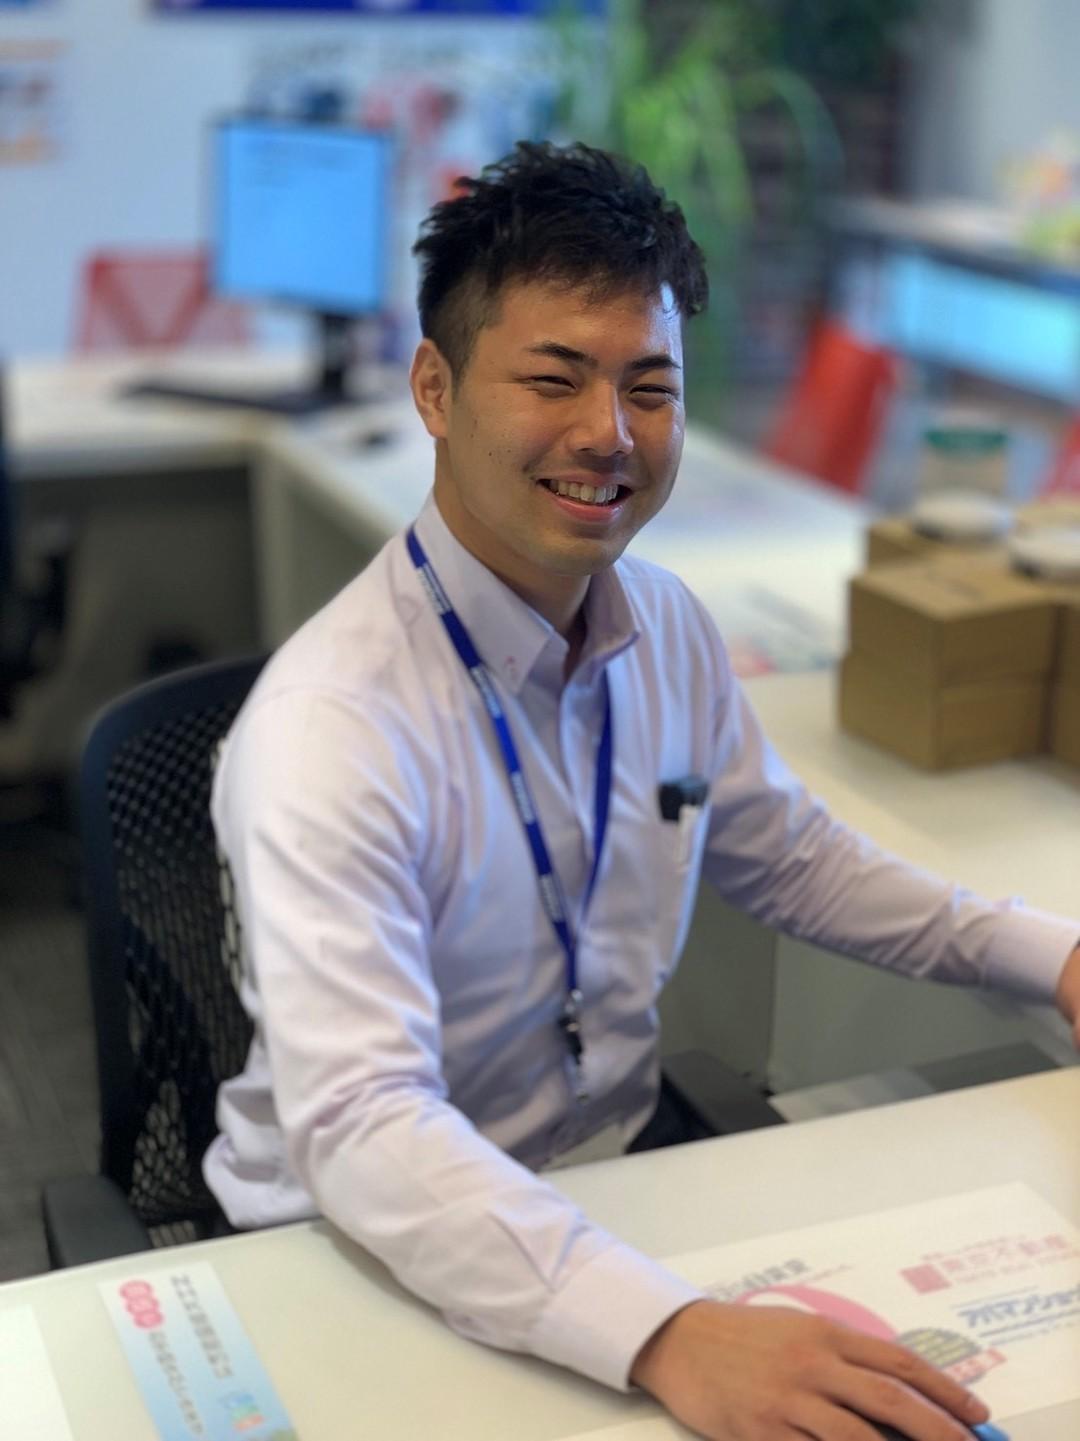 【東京不動産のスタッフ紹介】賃貸営業部の吉田臣人をご紹介します